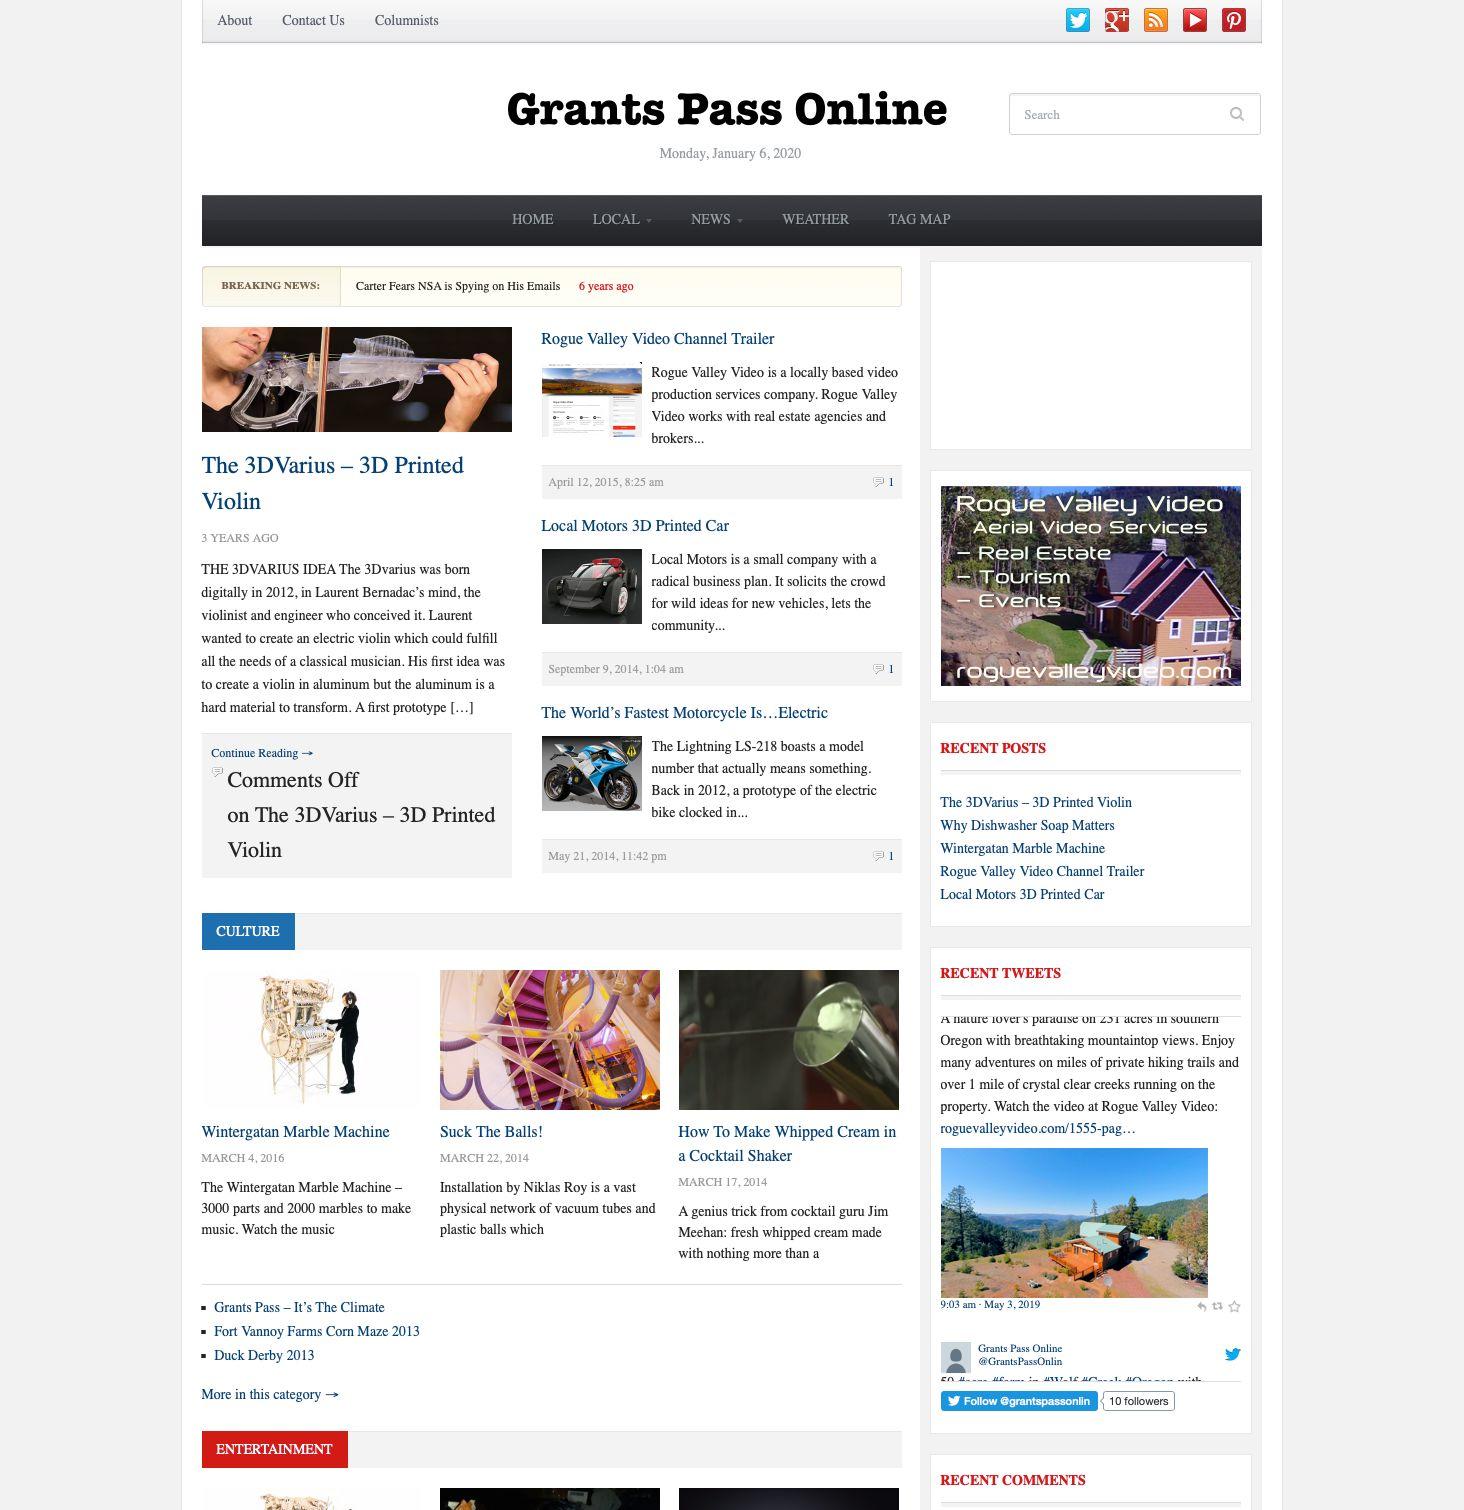 Grants Pass Online